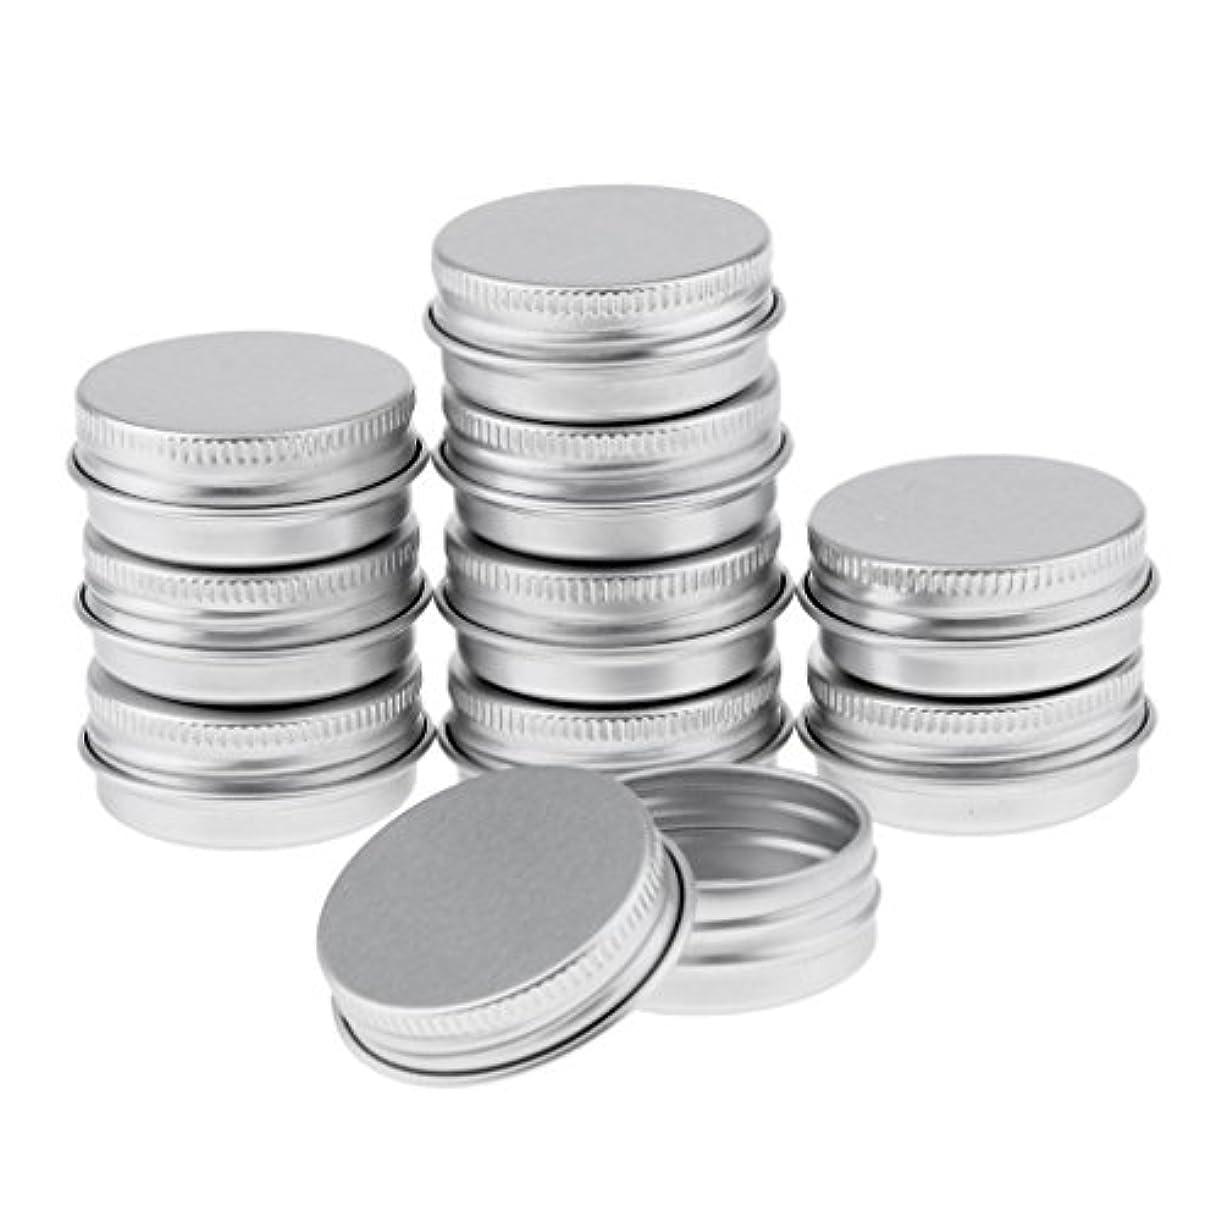 寄生虫正規化ペストリーアルミ缶 空ポット DIY 化粧品 詰替え 小物入り 収納ケース 耐久性 防錆 再利用可 5タイプ選べる - 10個15ml